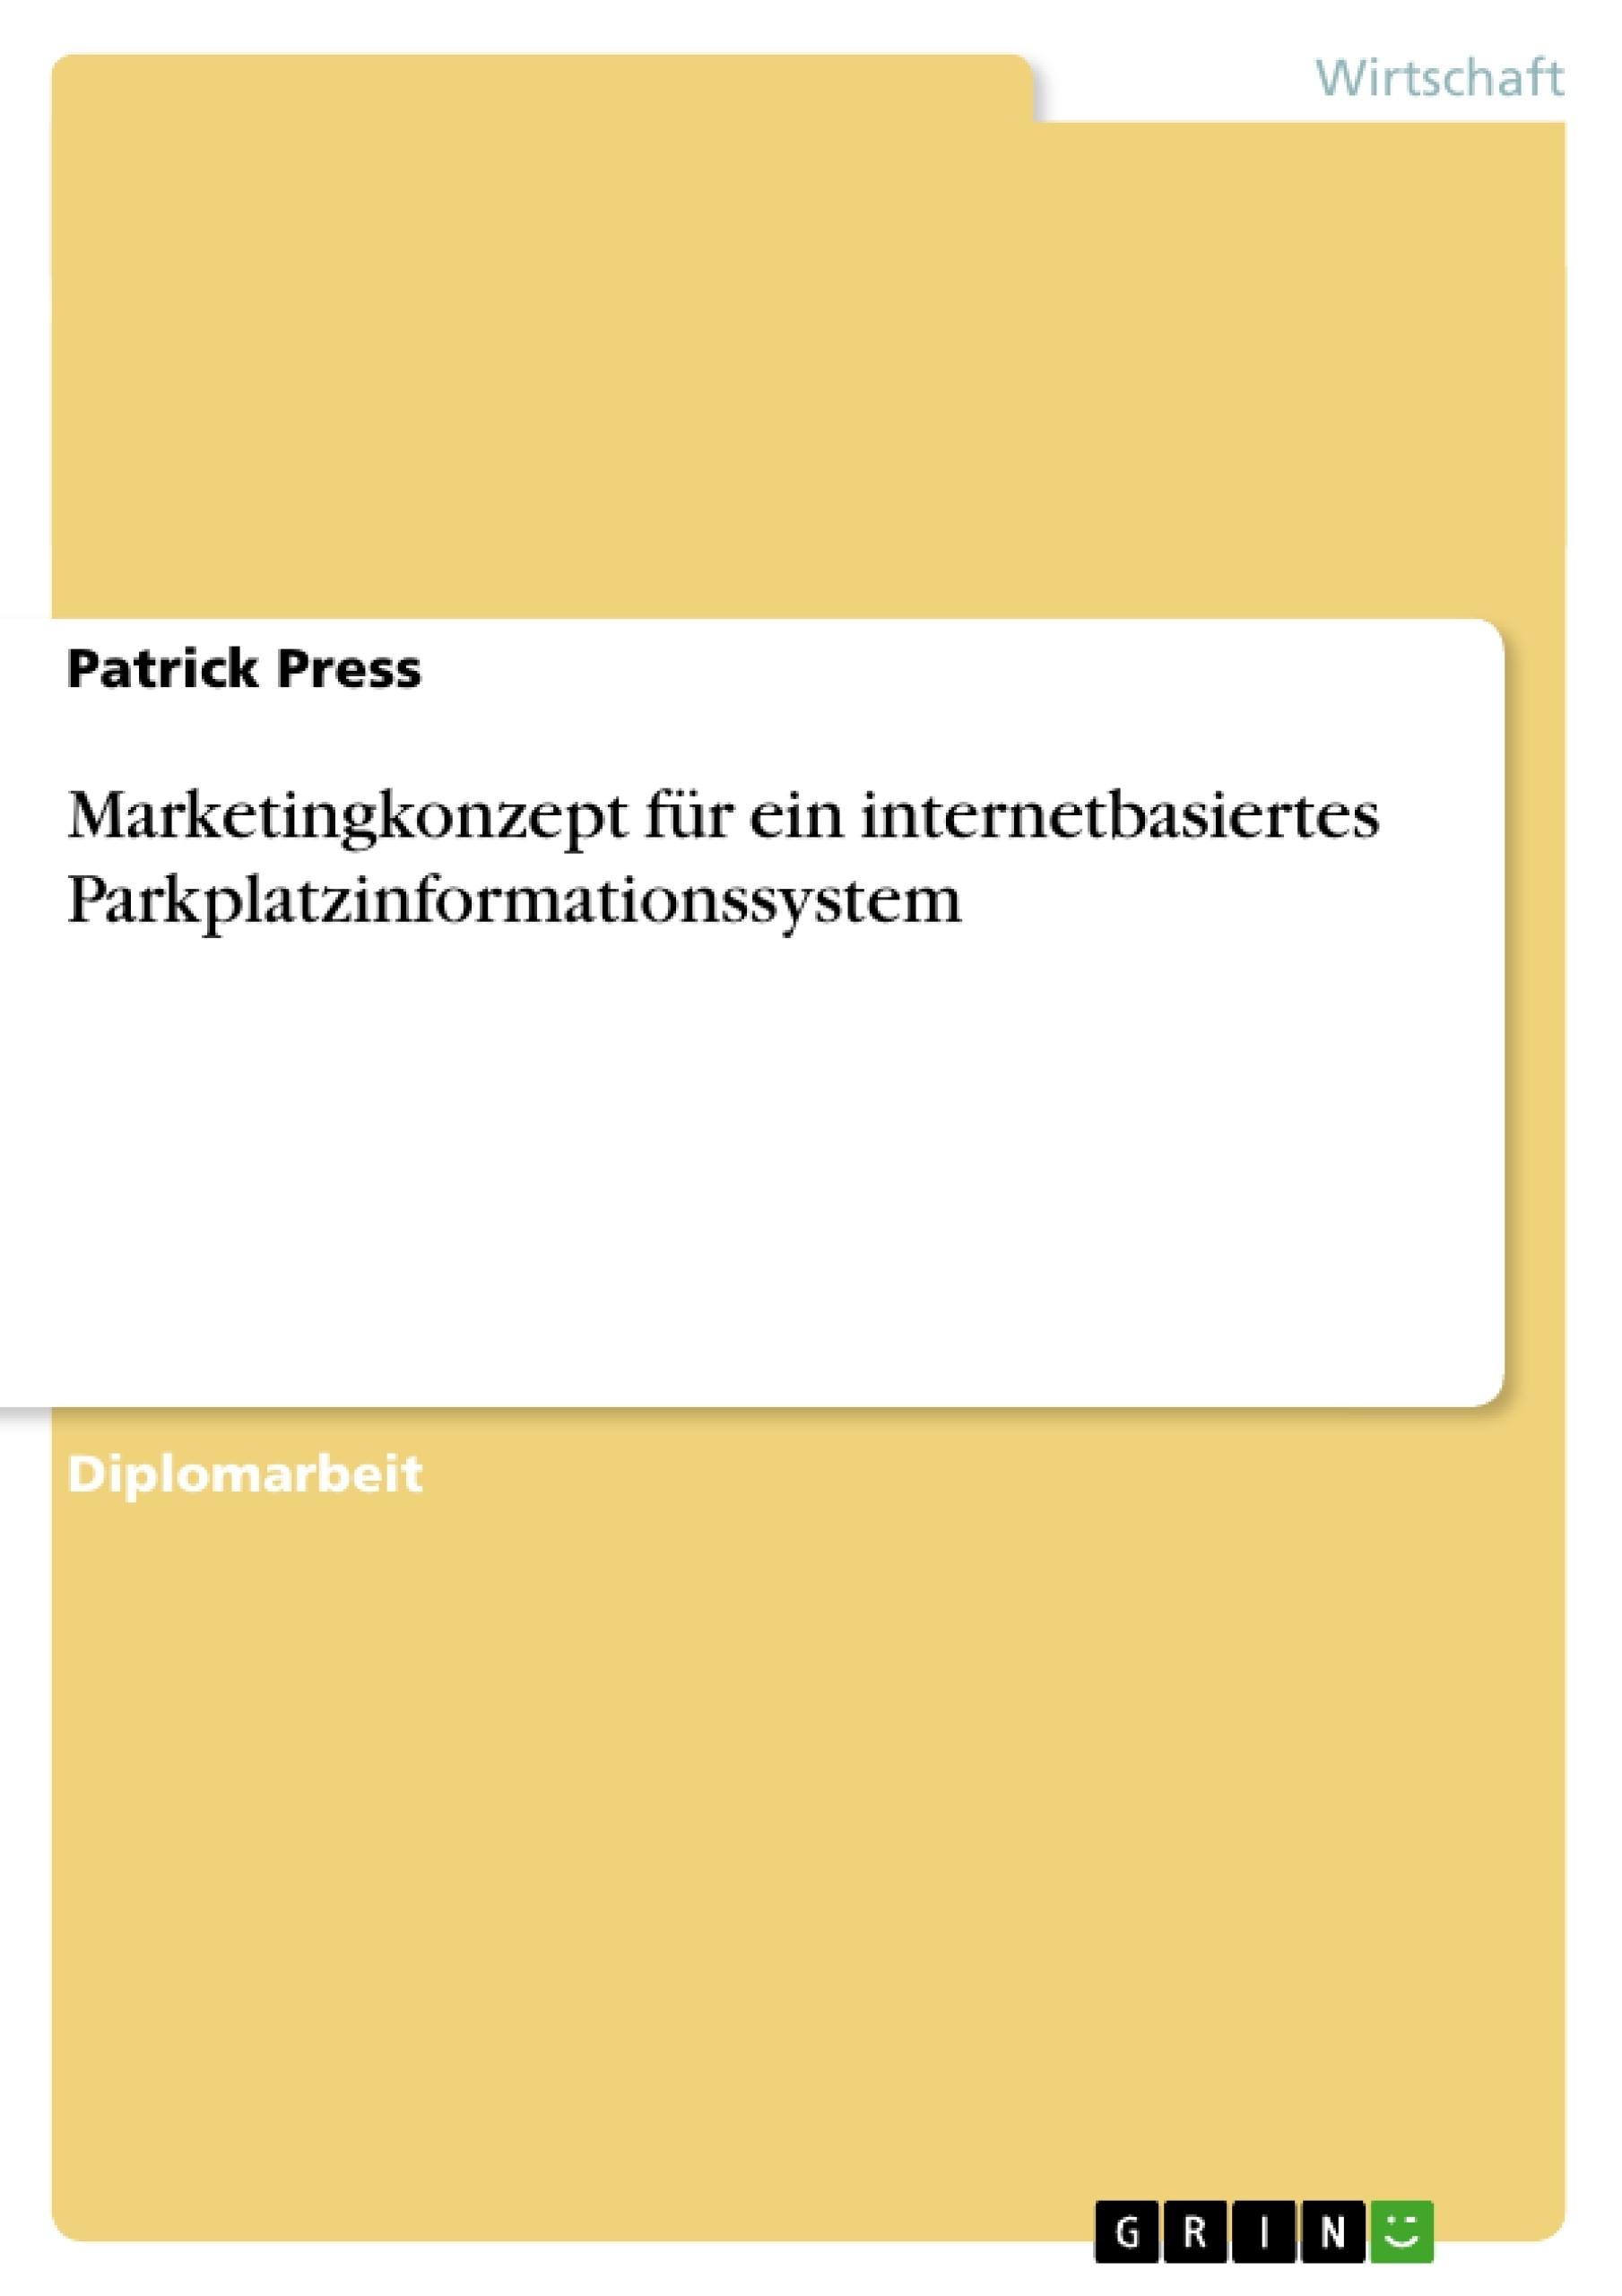 Titel: Marketingkonzept für ein internetbasiertes Parkplatzinformationssystem